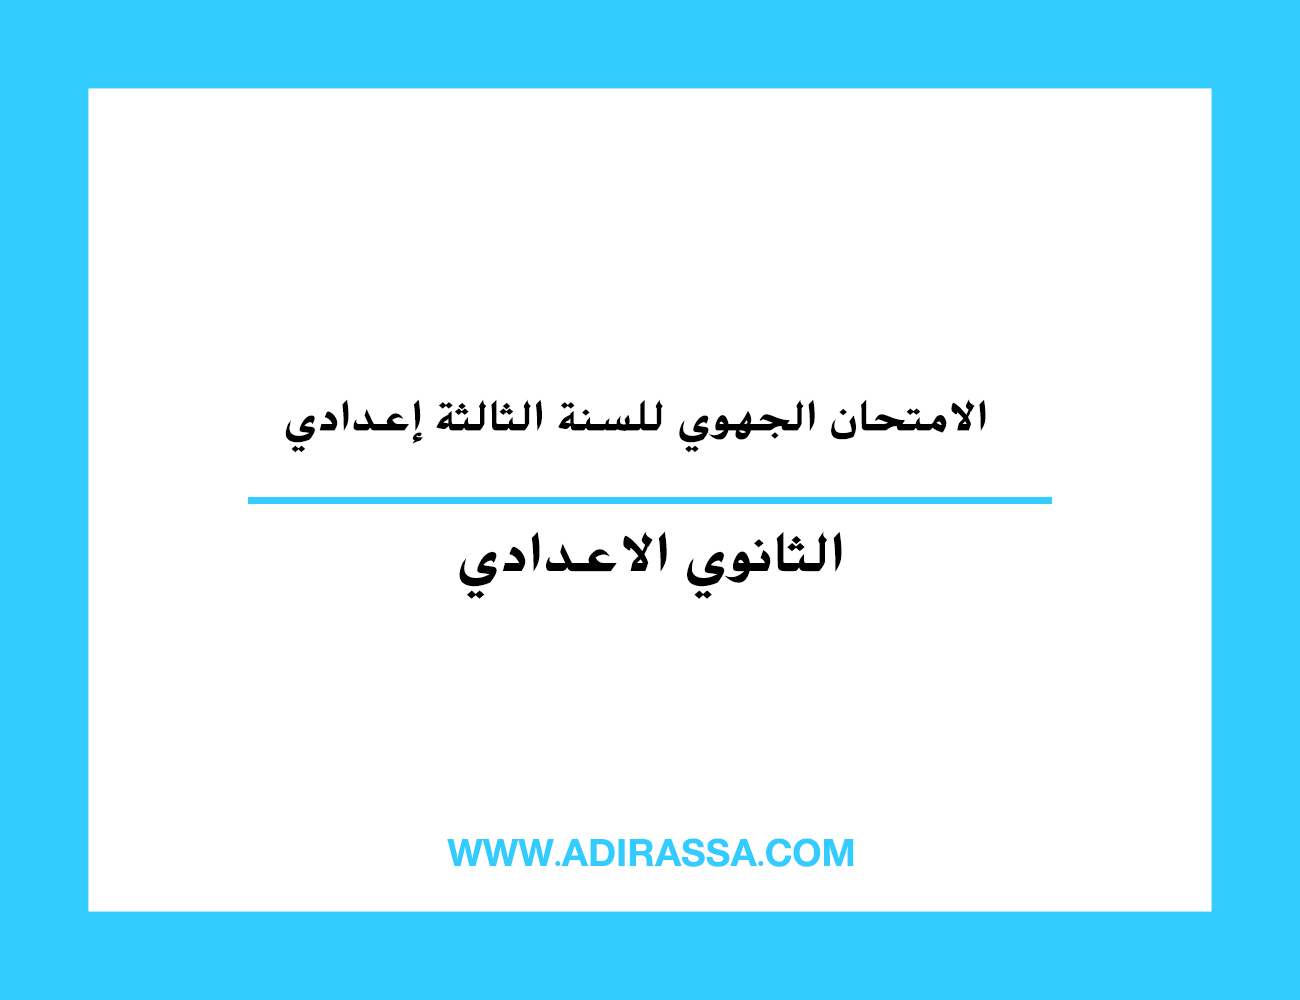 الامتحان الجهوي للسنة الثالثة إعدادي بالمدرسة المغربية